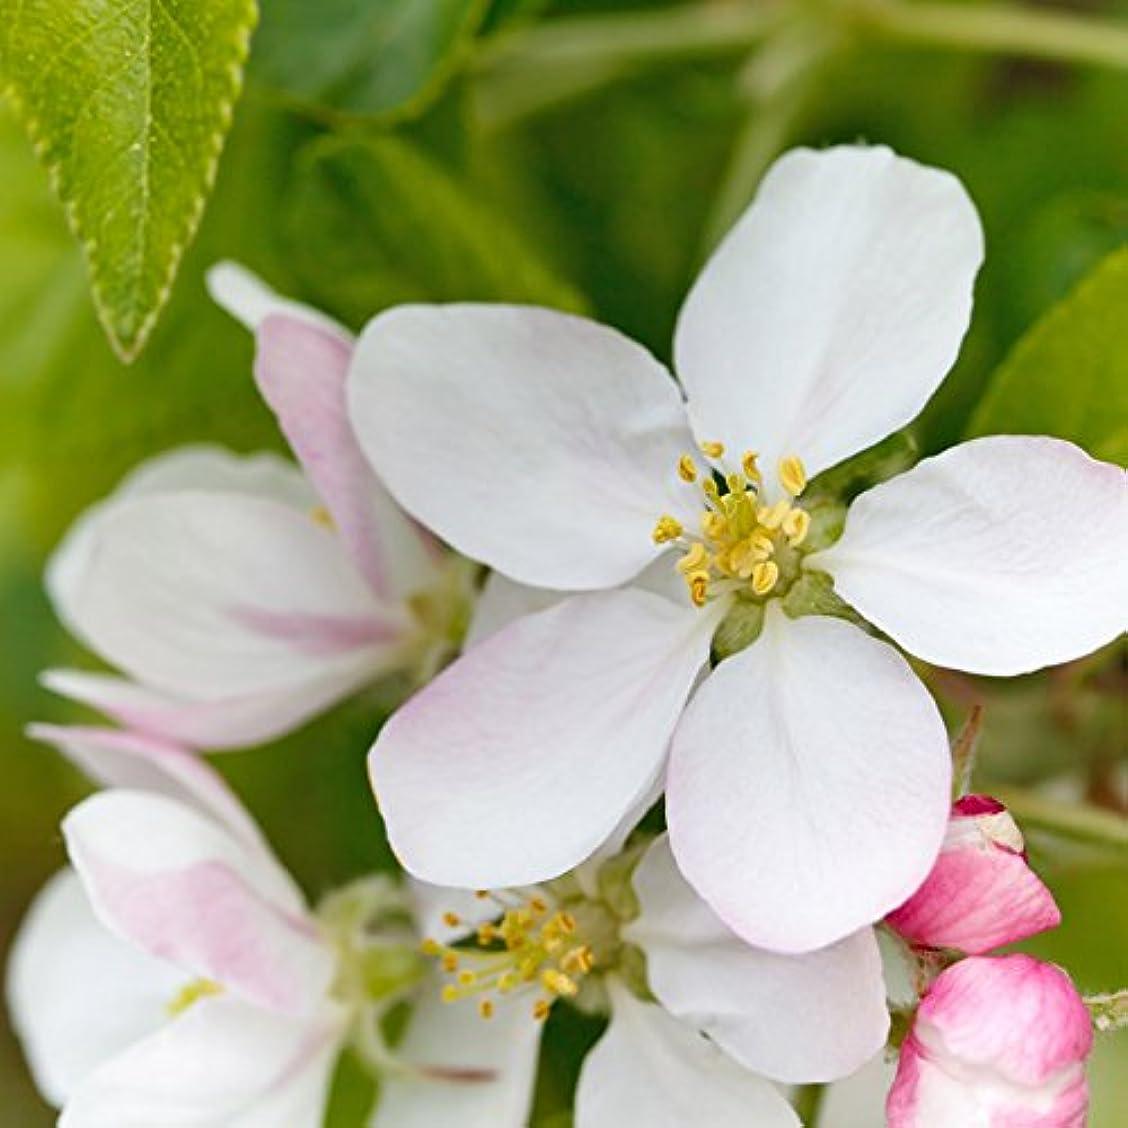 研磨剤鏡ネットアロマフレグランスオイル アップルブロッサム(Apple Blossom)